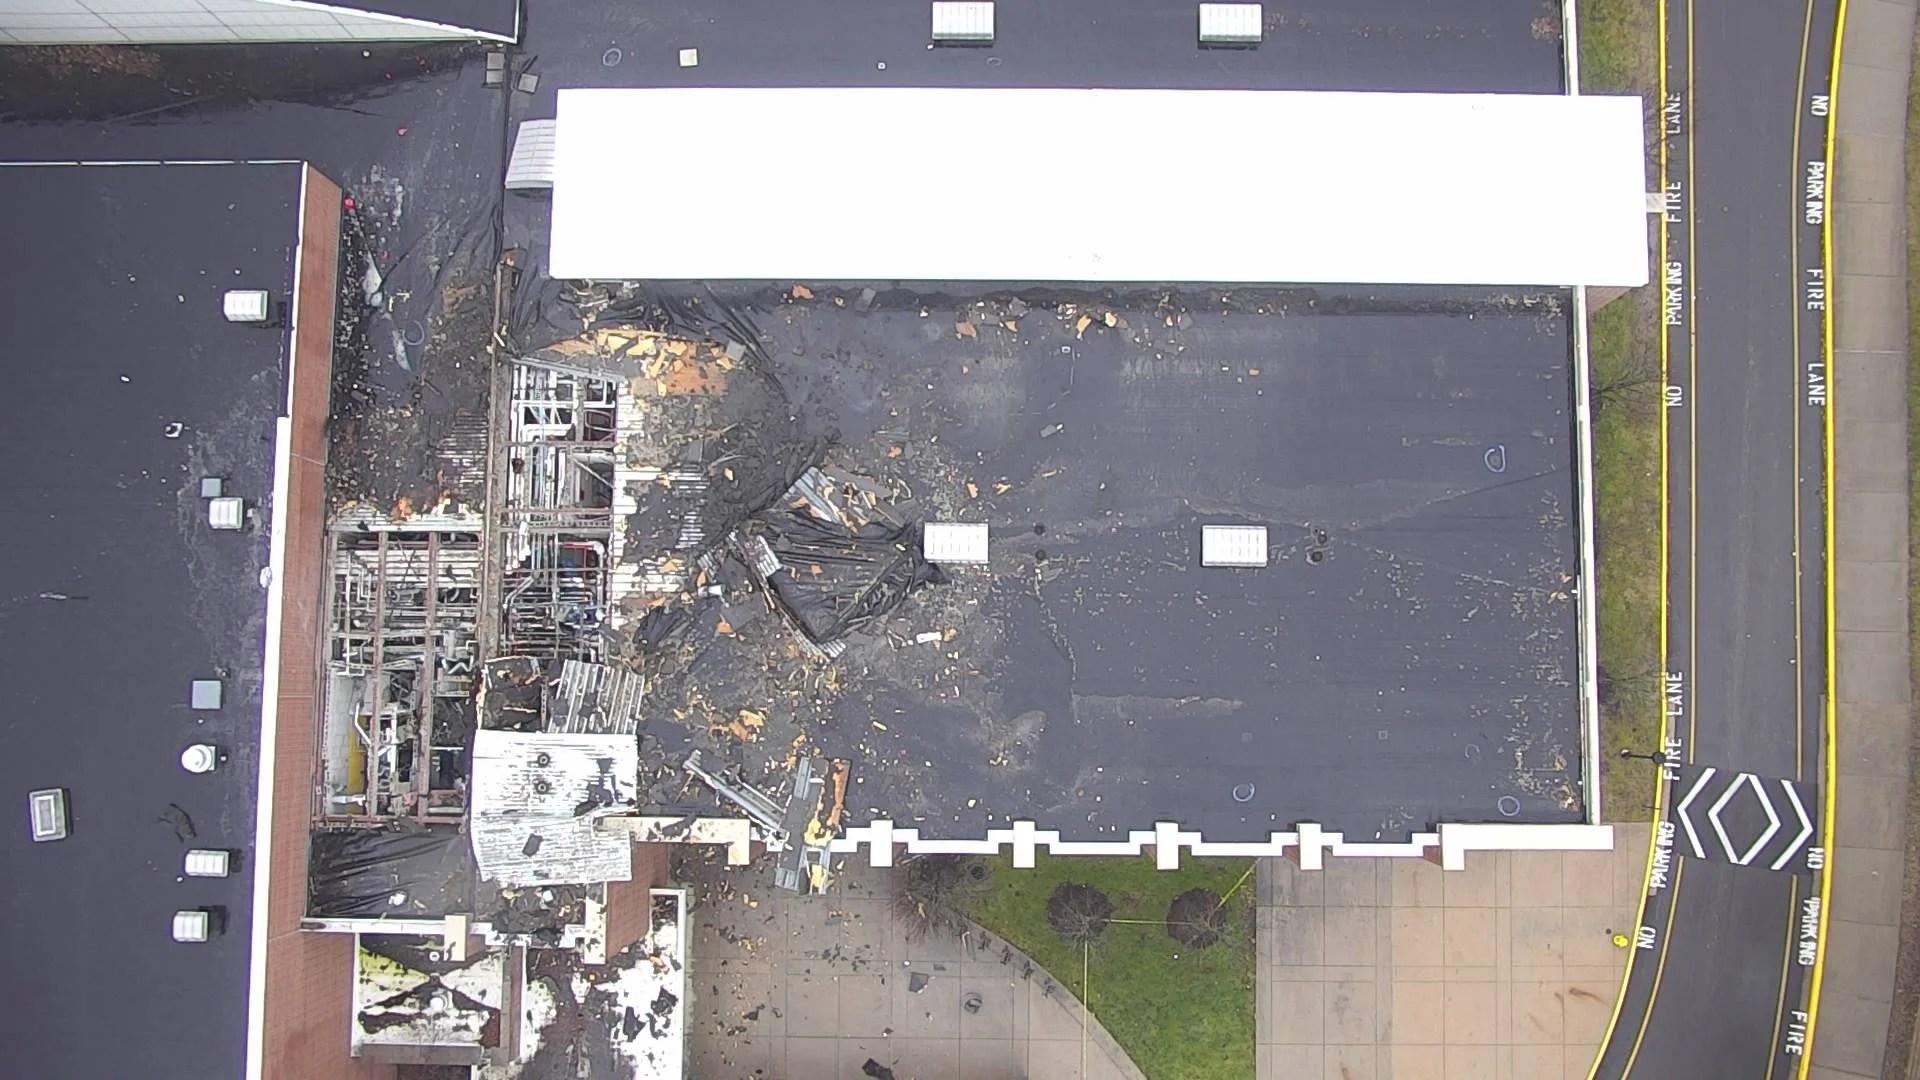 Carmel HS explosion damage 8_1545942067552.jpg.jpg